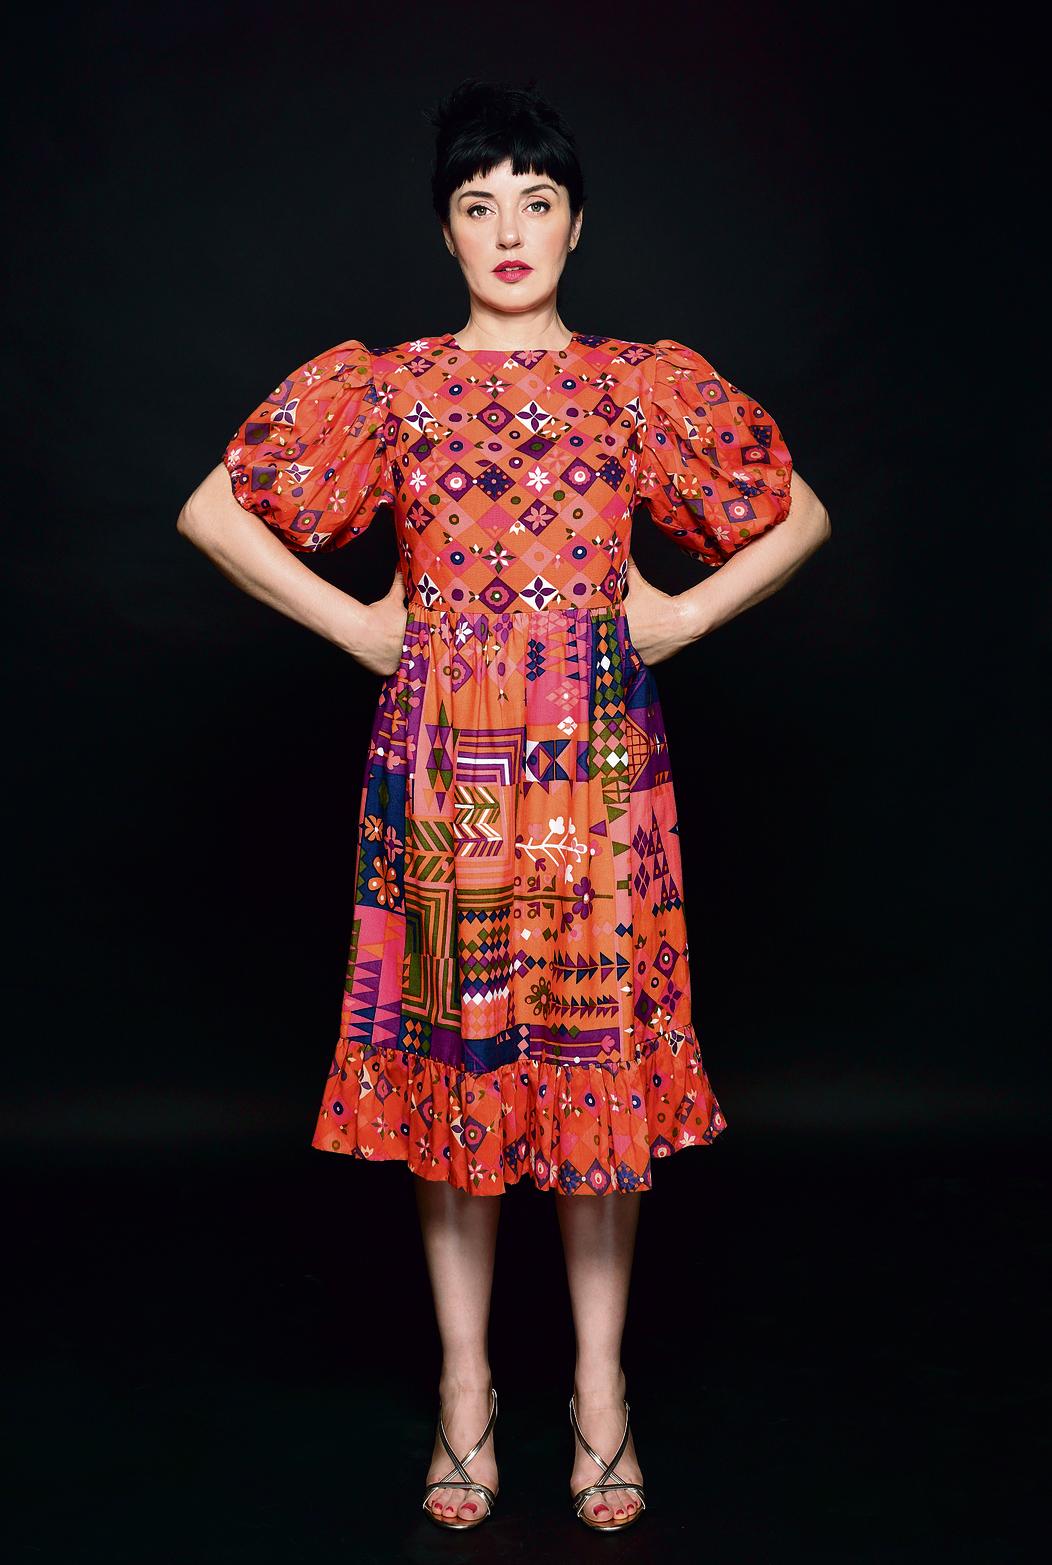 שמלה: 650 שקל, משכית וינטג' לקאסימה, נחלת בנימין 23, תל־אביב. סנדלים: 199 שקל לפני הנחה, מנגו